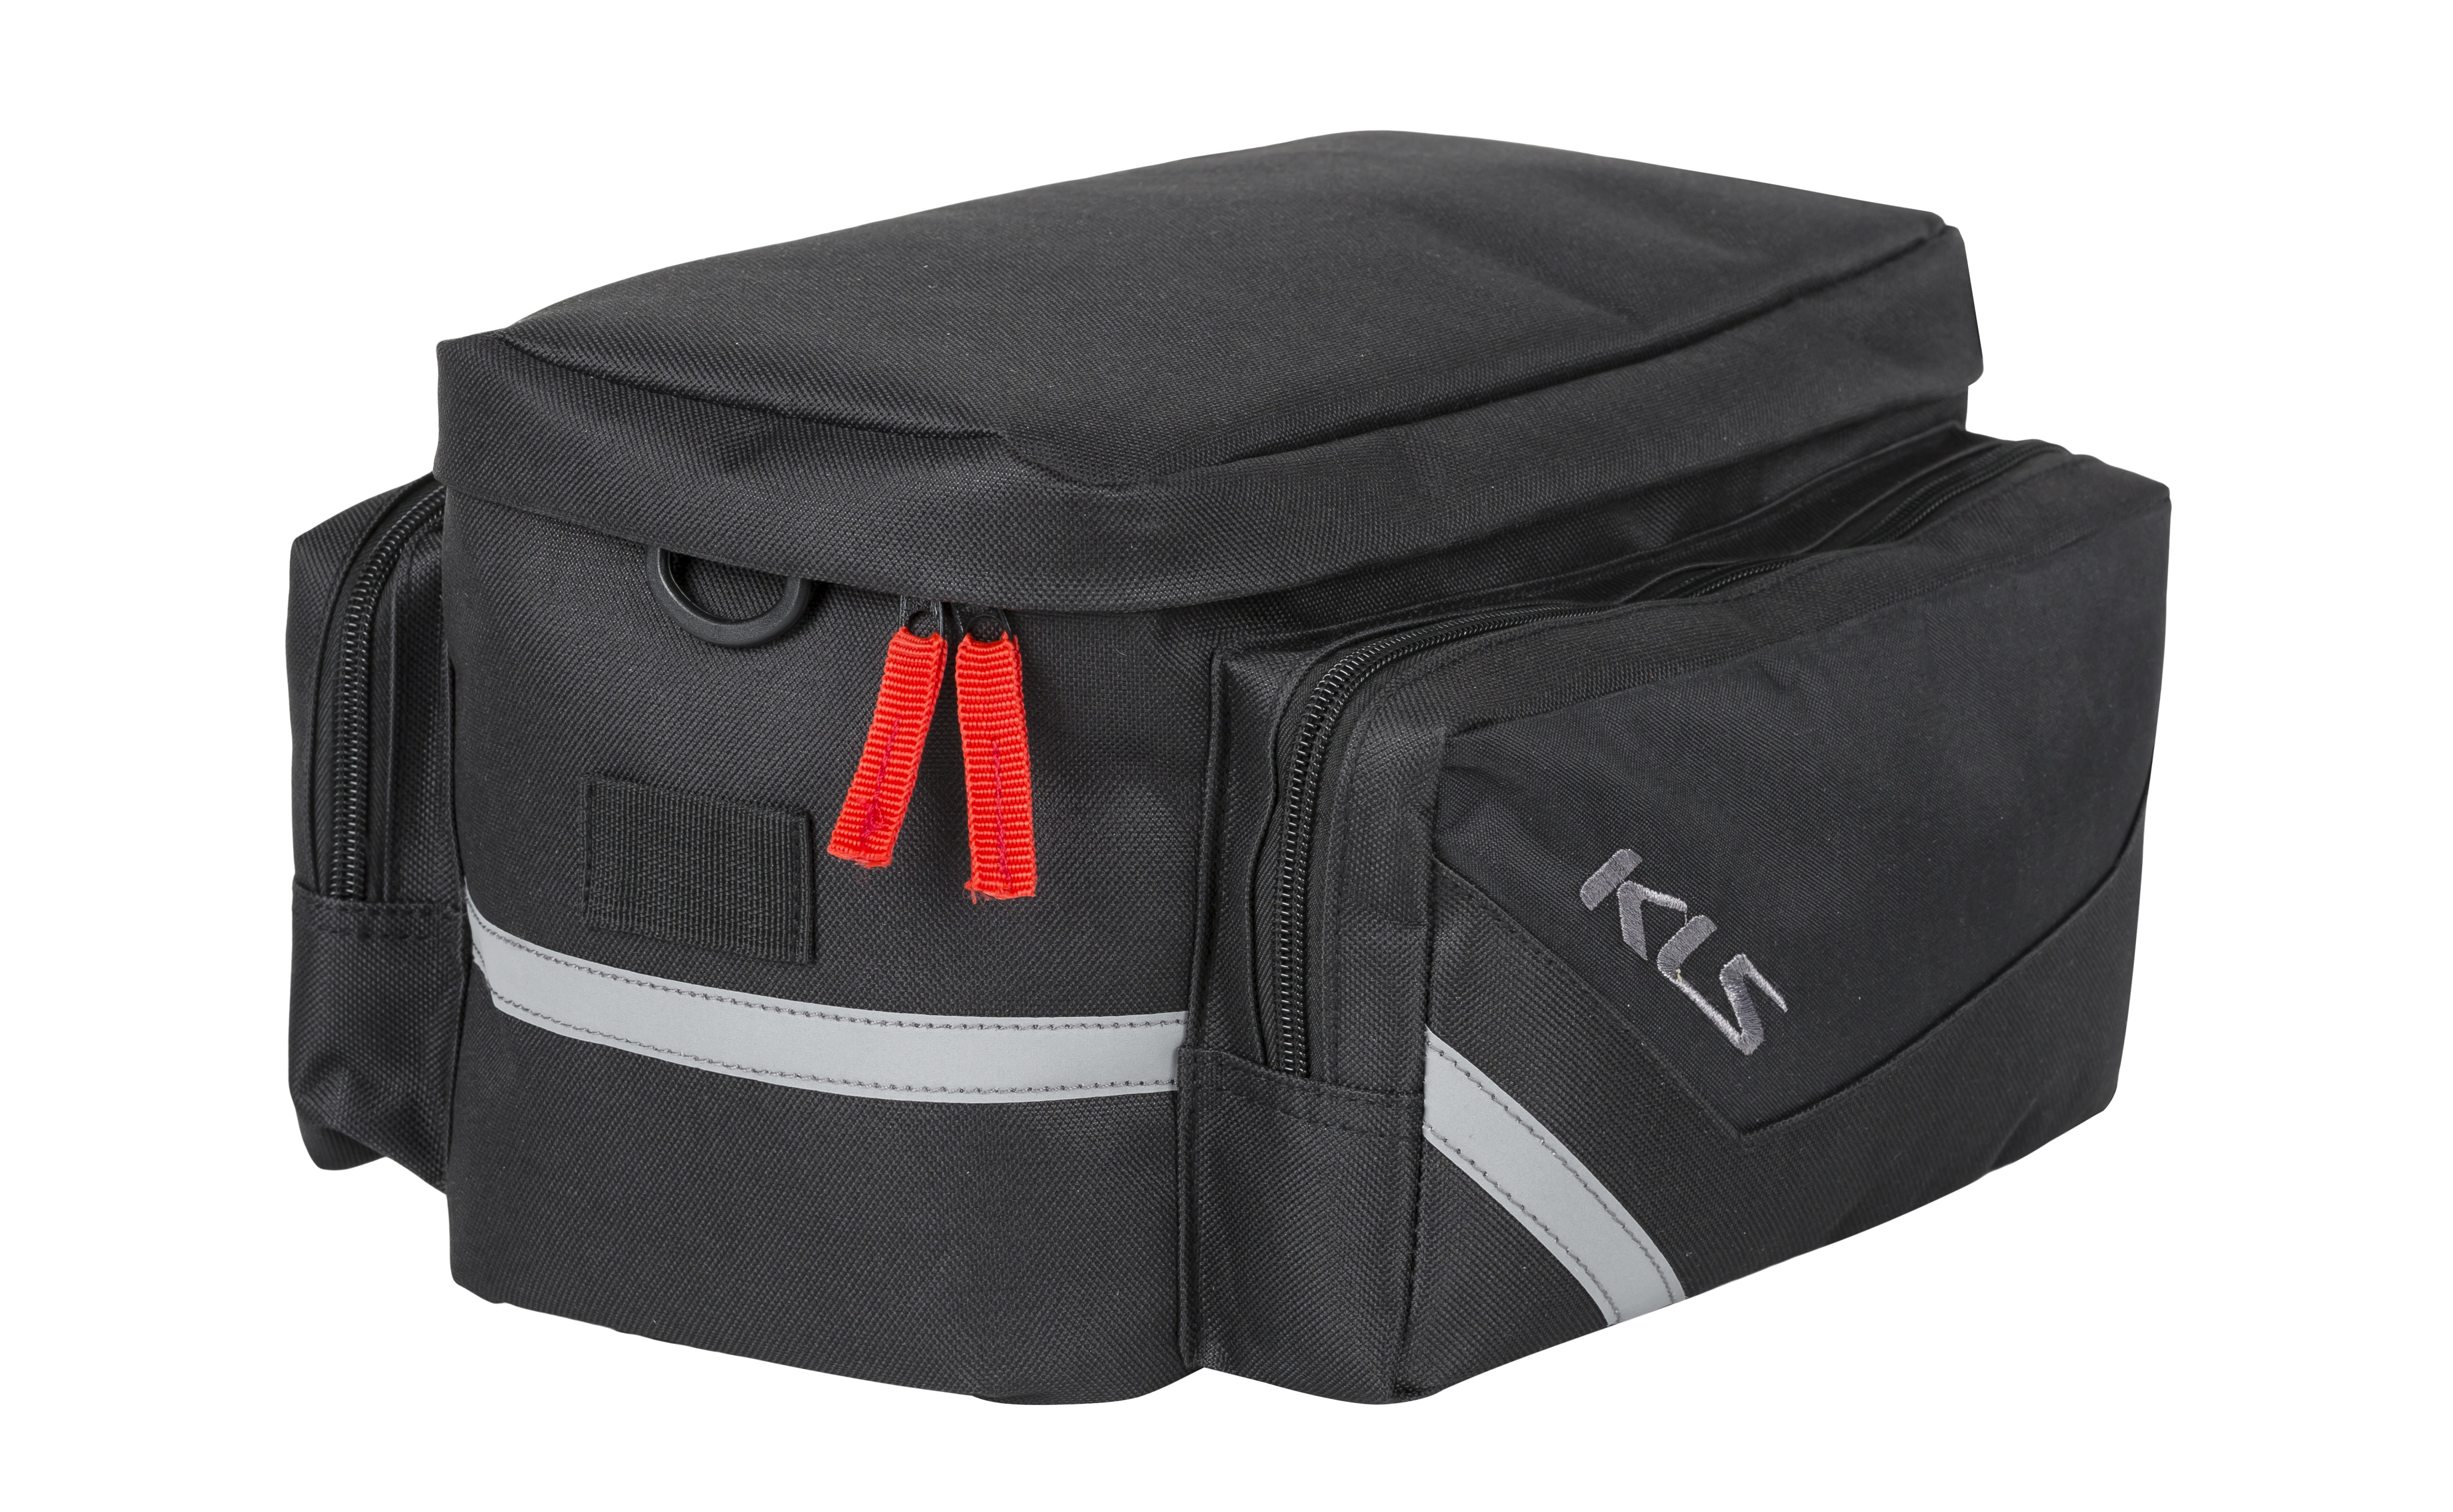 8cddc864b054 KLS SPACE 12 - csomagtartó táska [12 L]